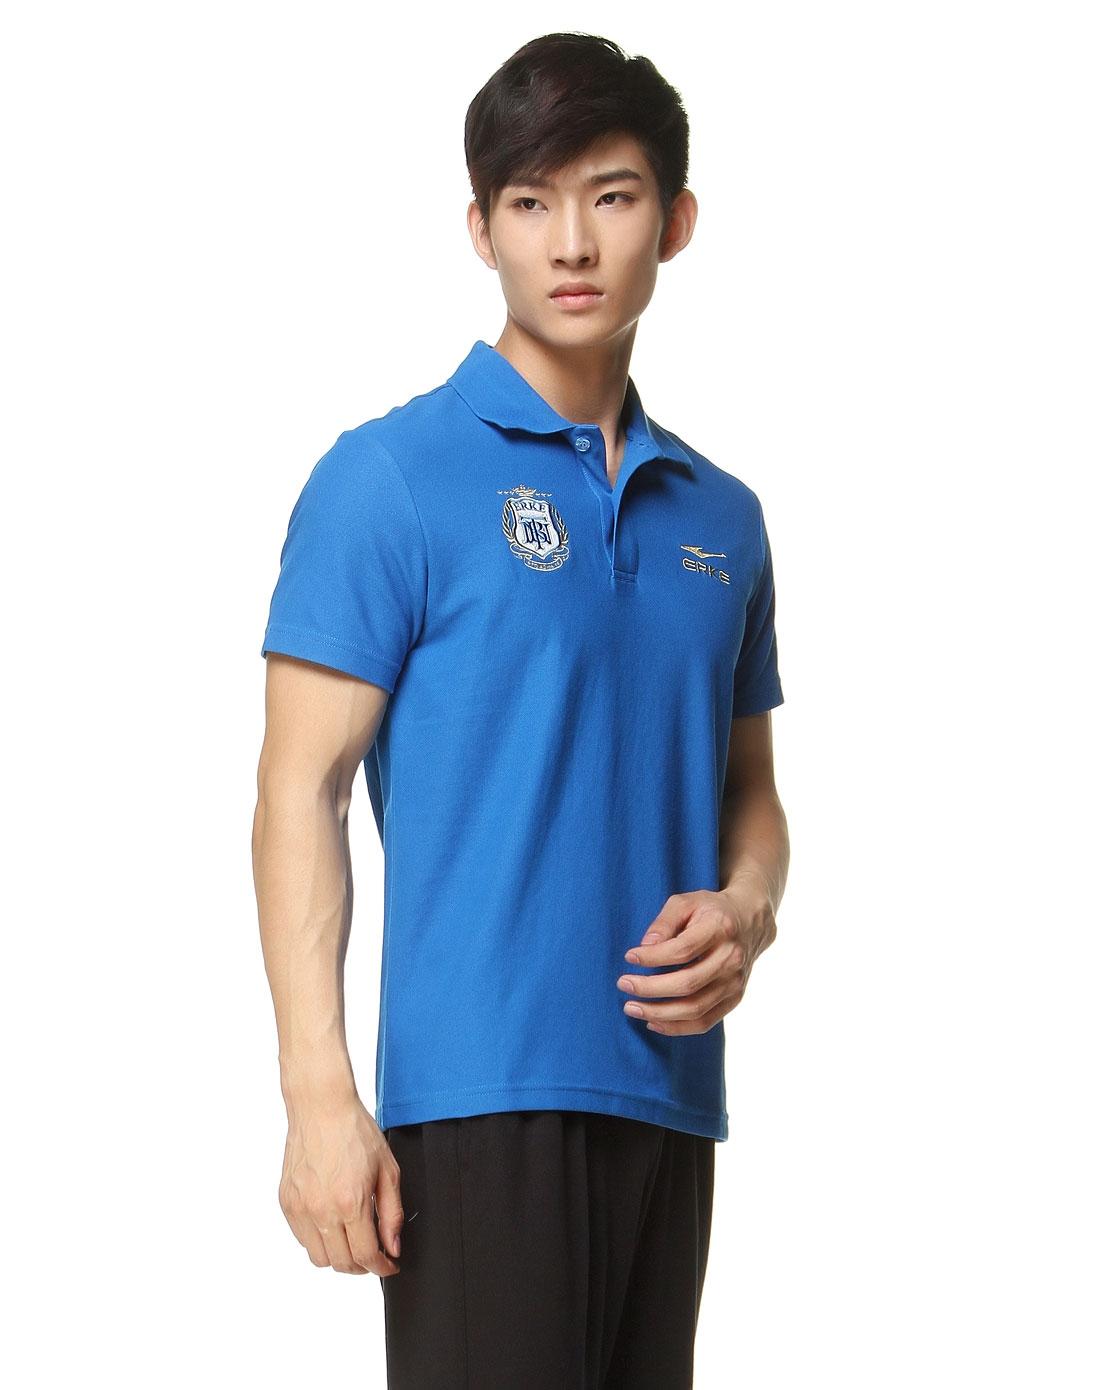 简约印章男款彩蓝色短袖polo衫